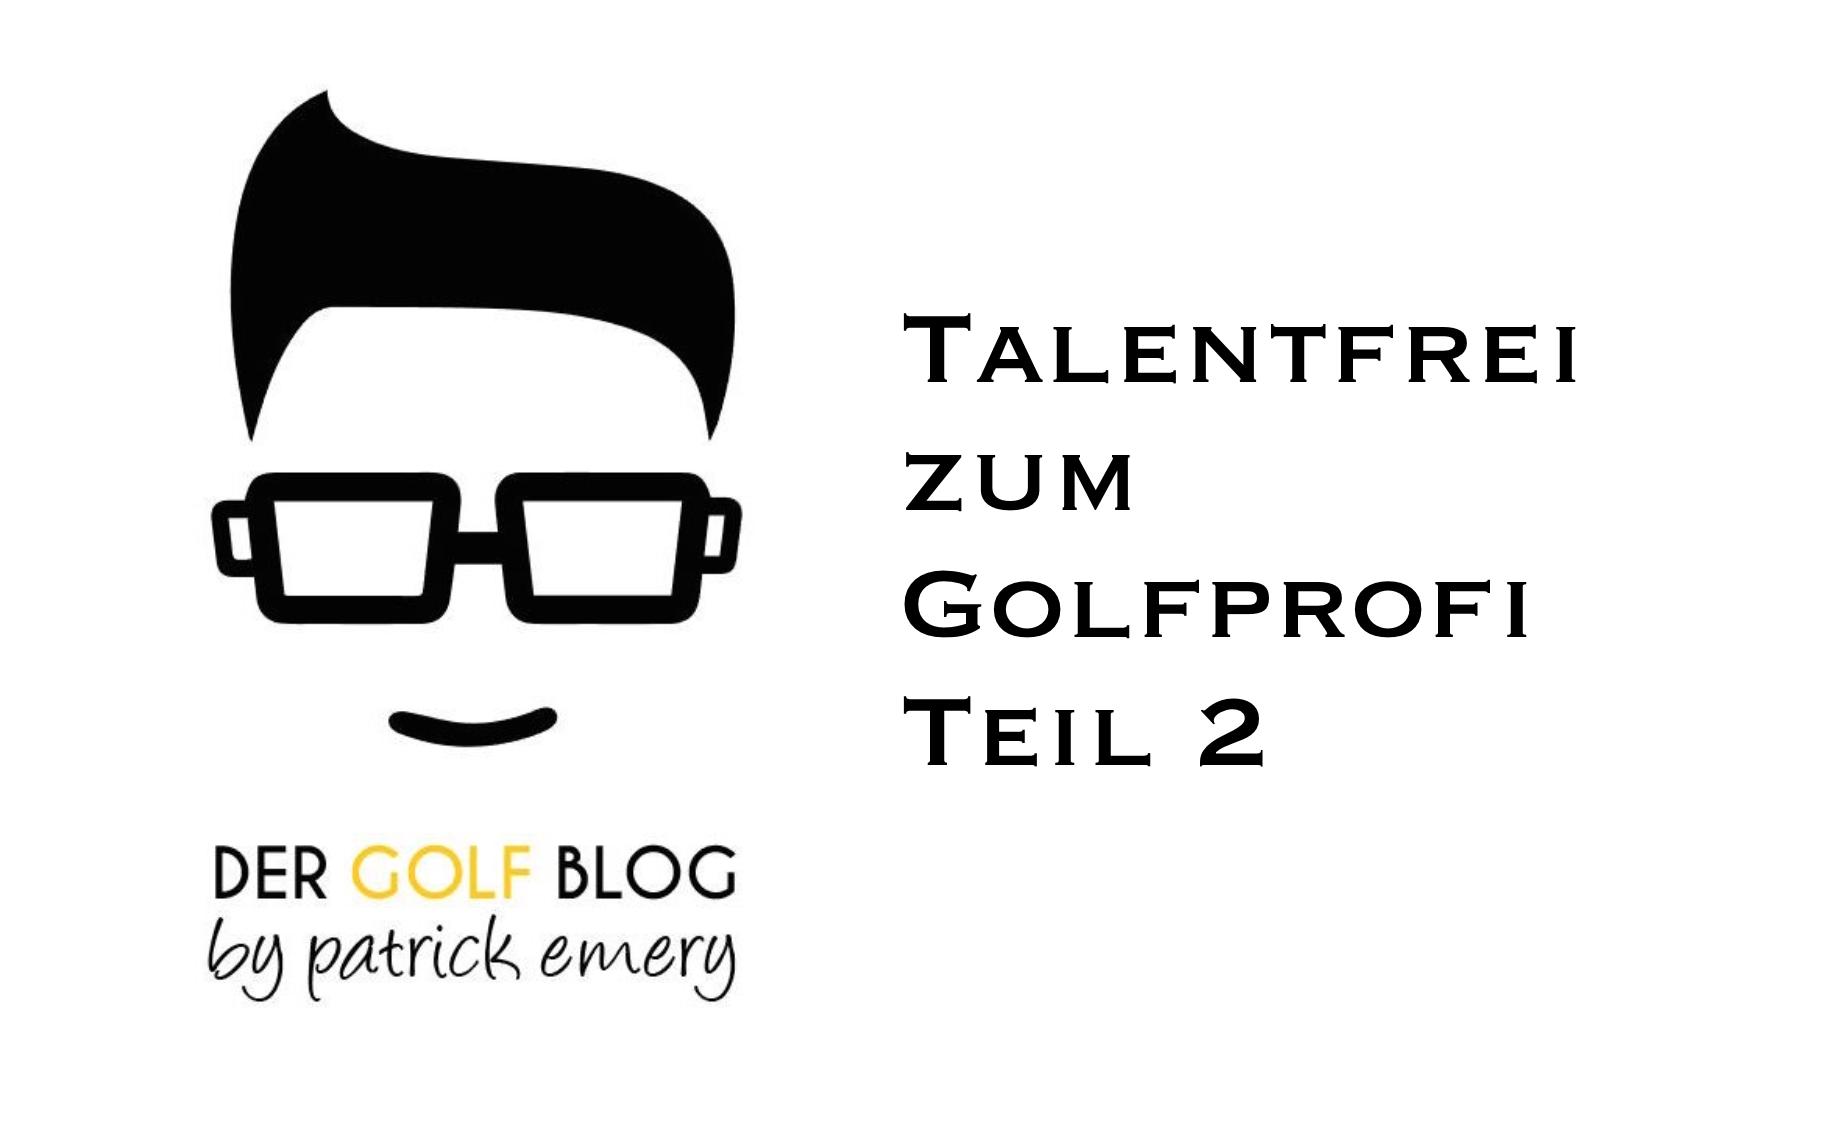 Talentfrei zum Golfprofi – Teil 2